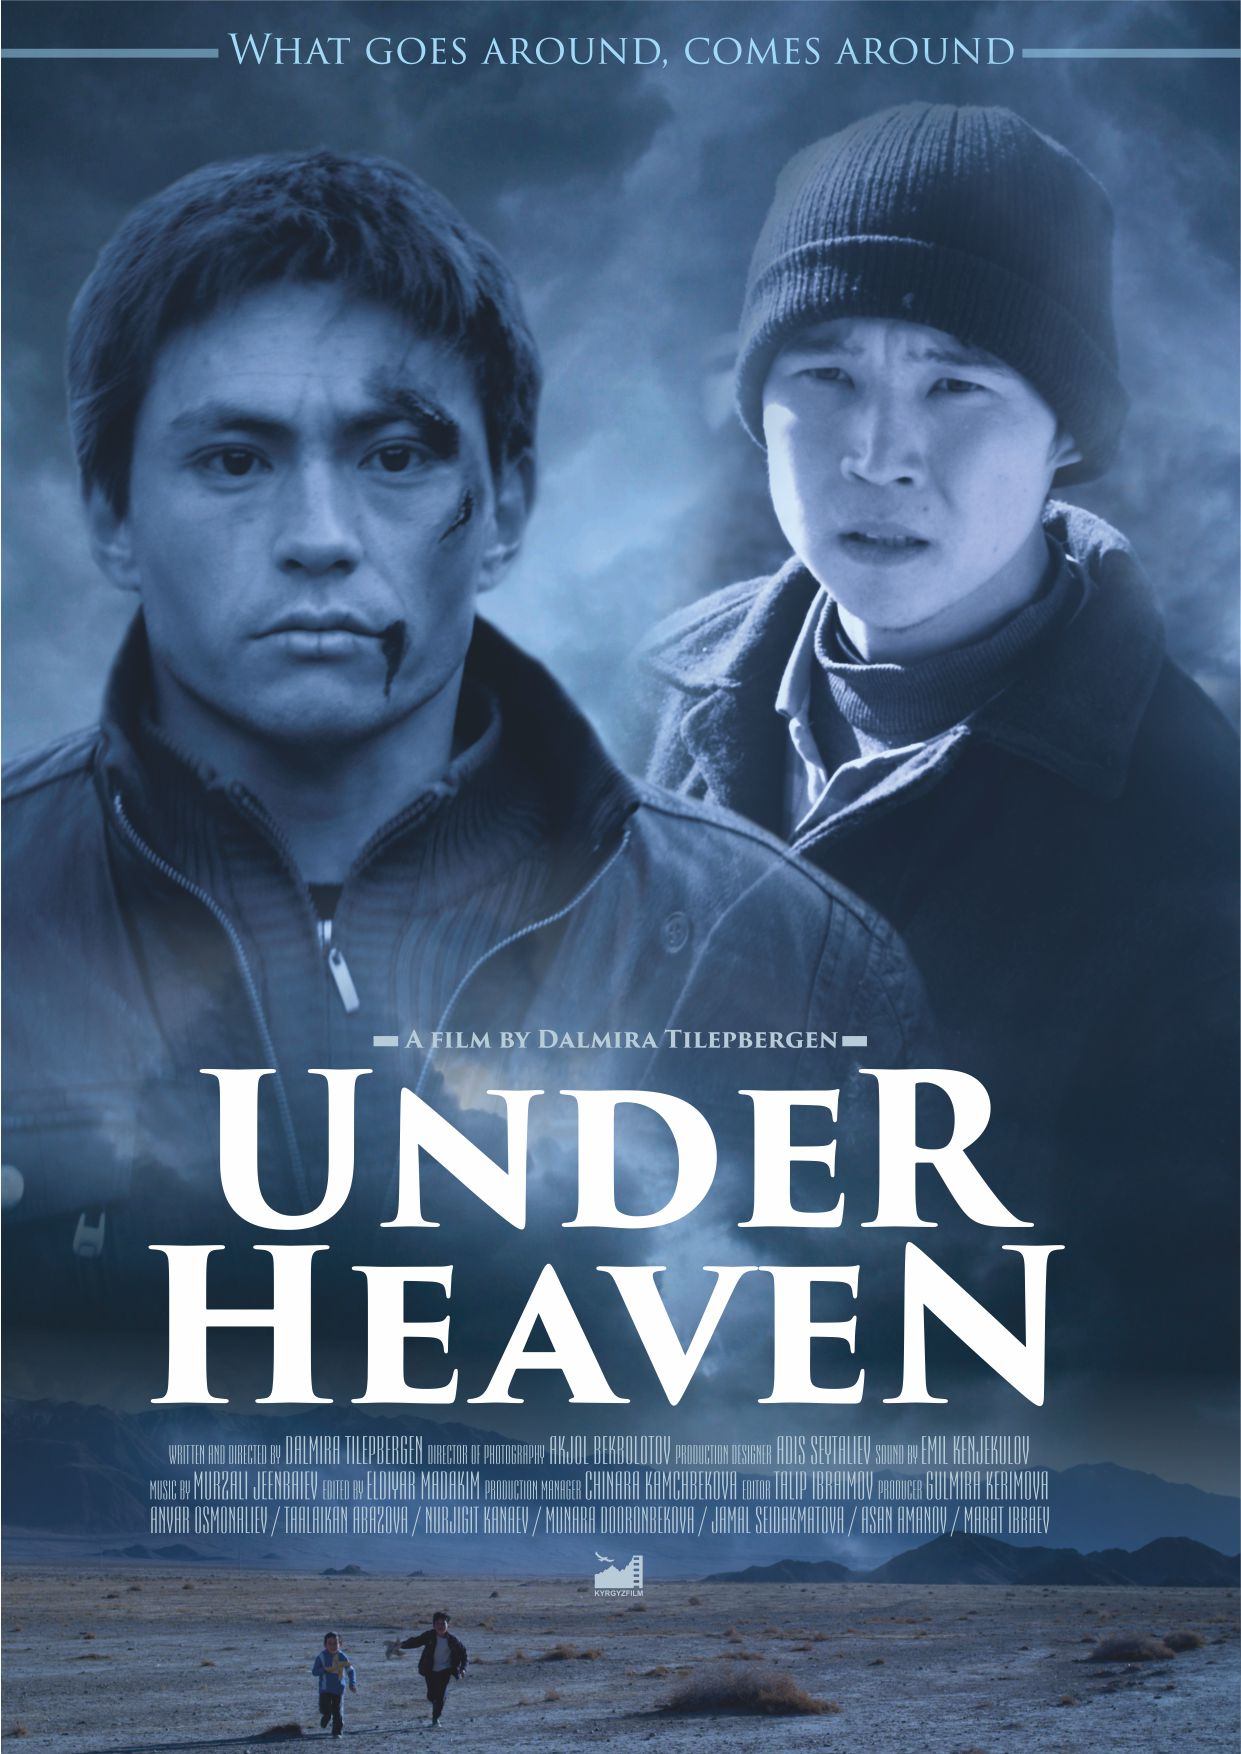 under_heaven_poster